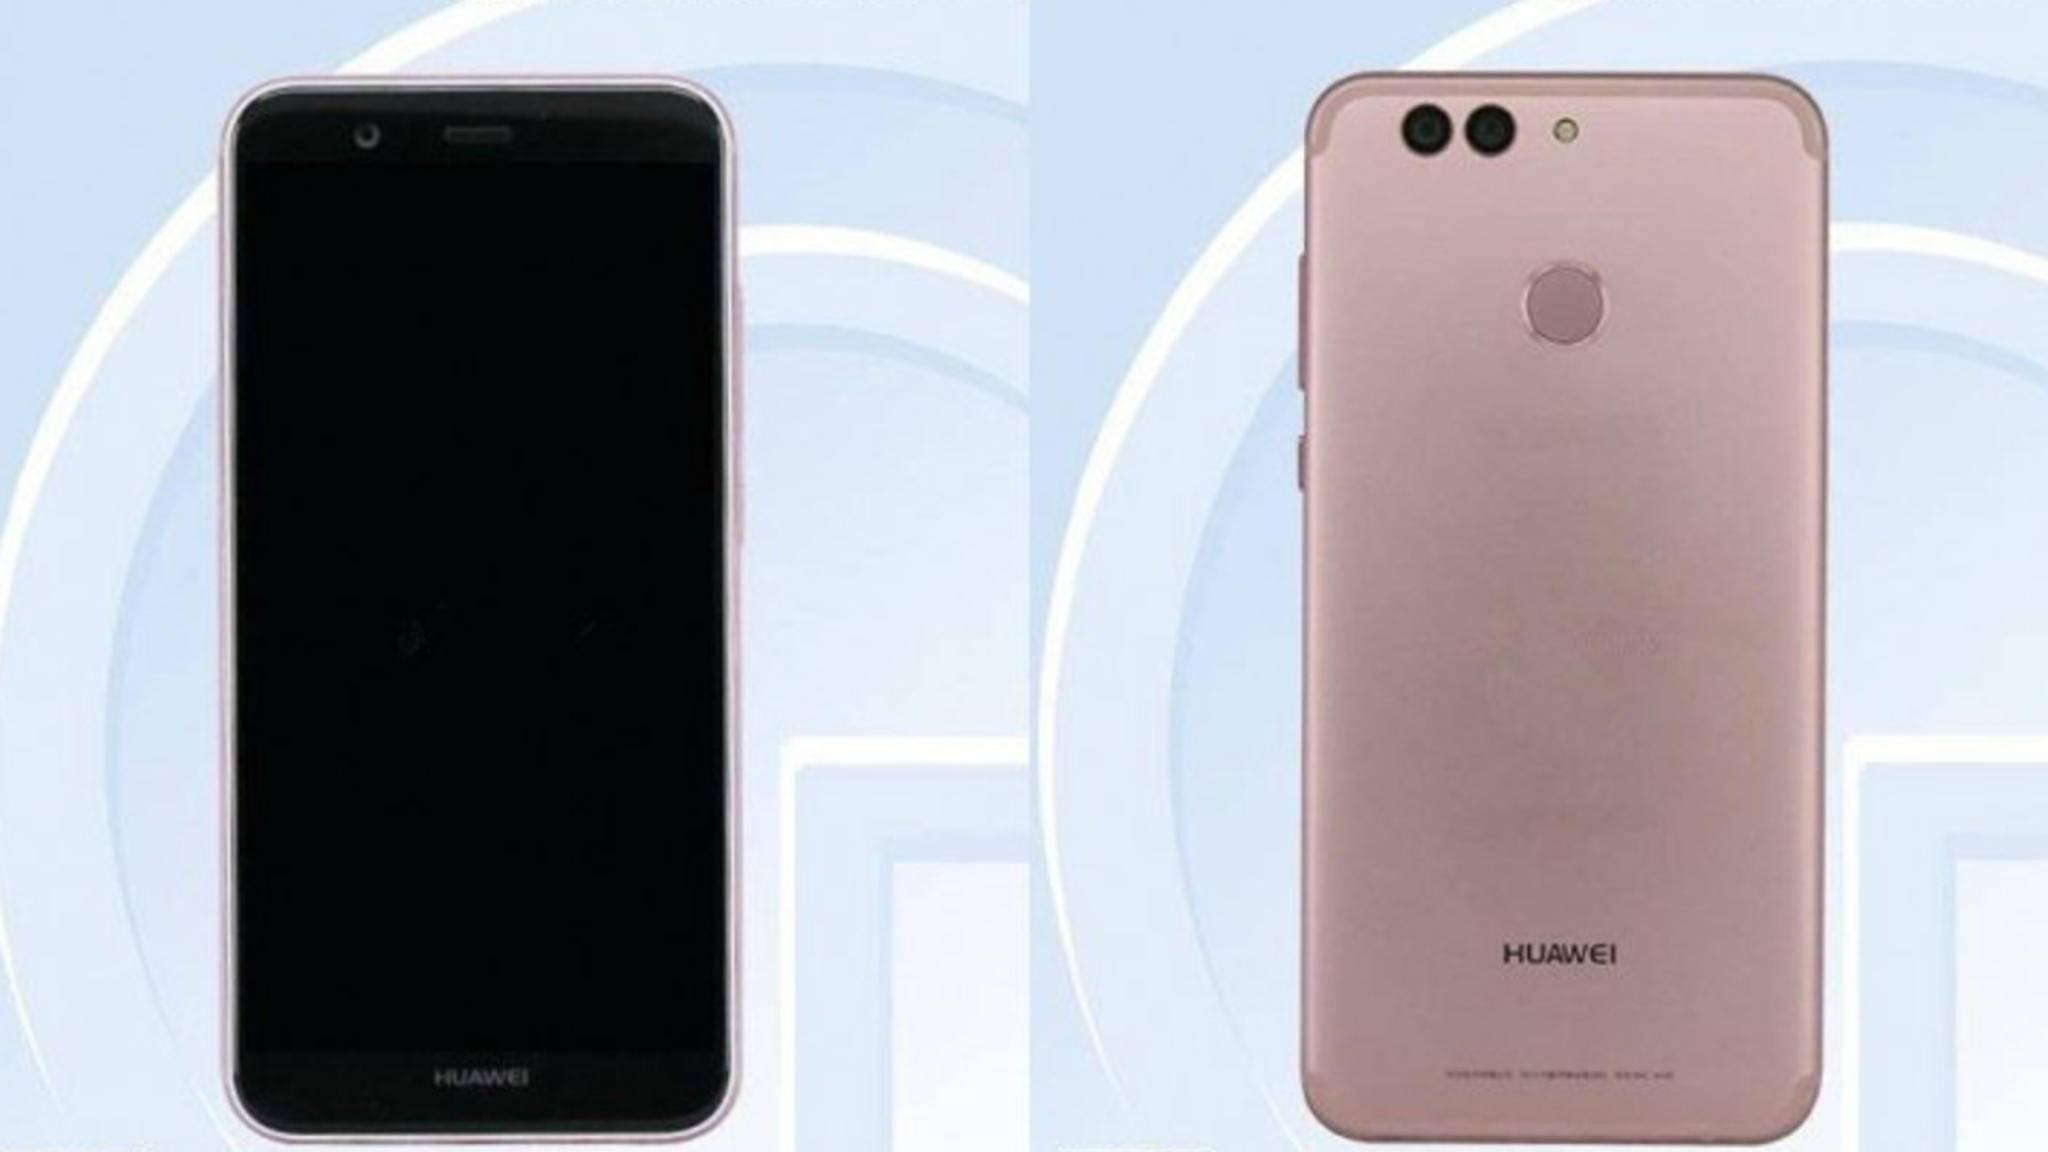 Bei der chinesischen Behörde TENAA sind erste Infos zum Huawei Nova 2 aufgetaucht.